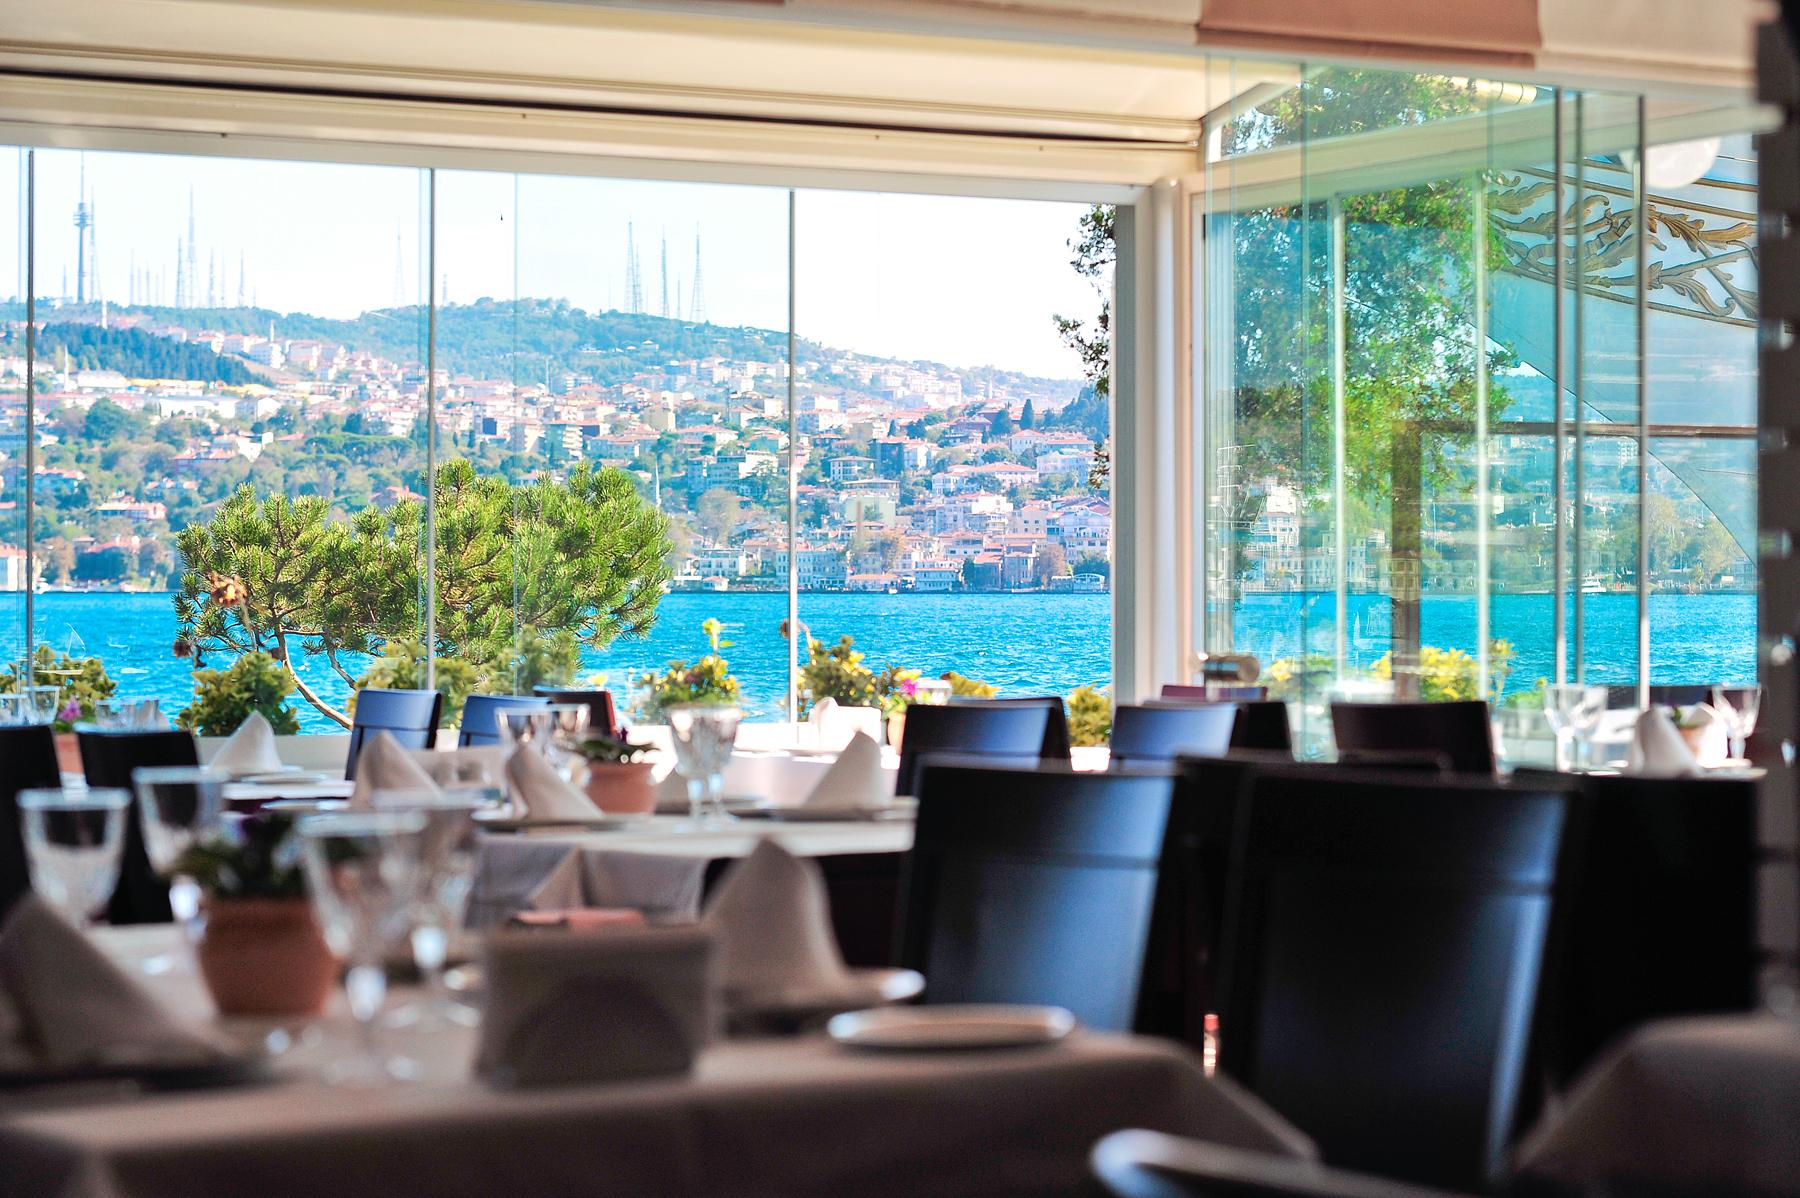 Park Fora Balık ve Deniz Ürünleri Restoranı